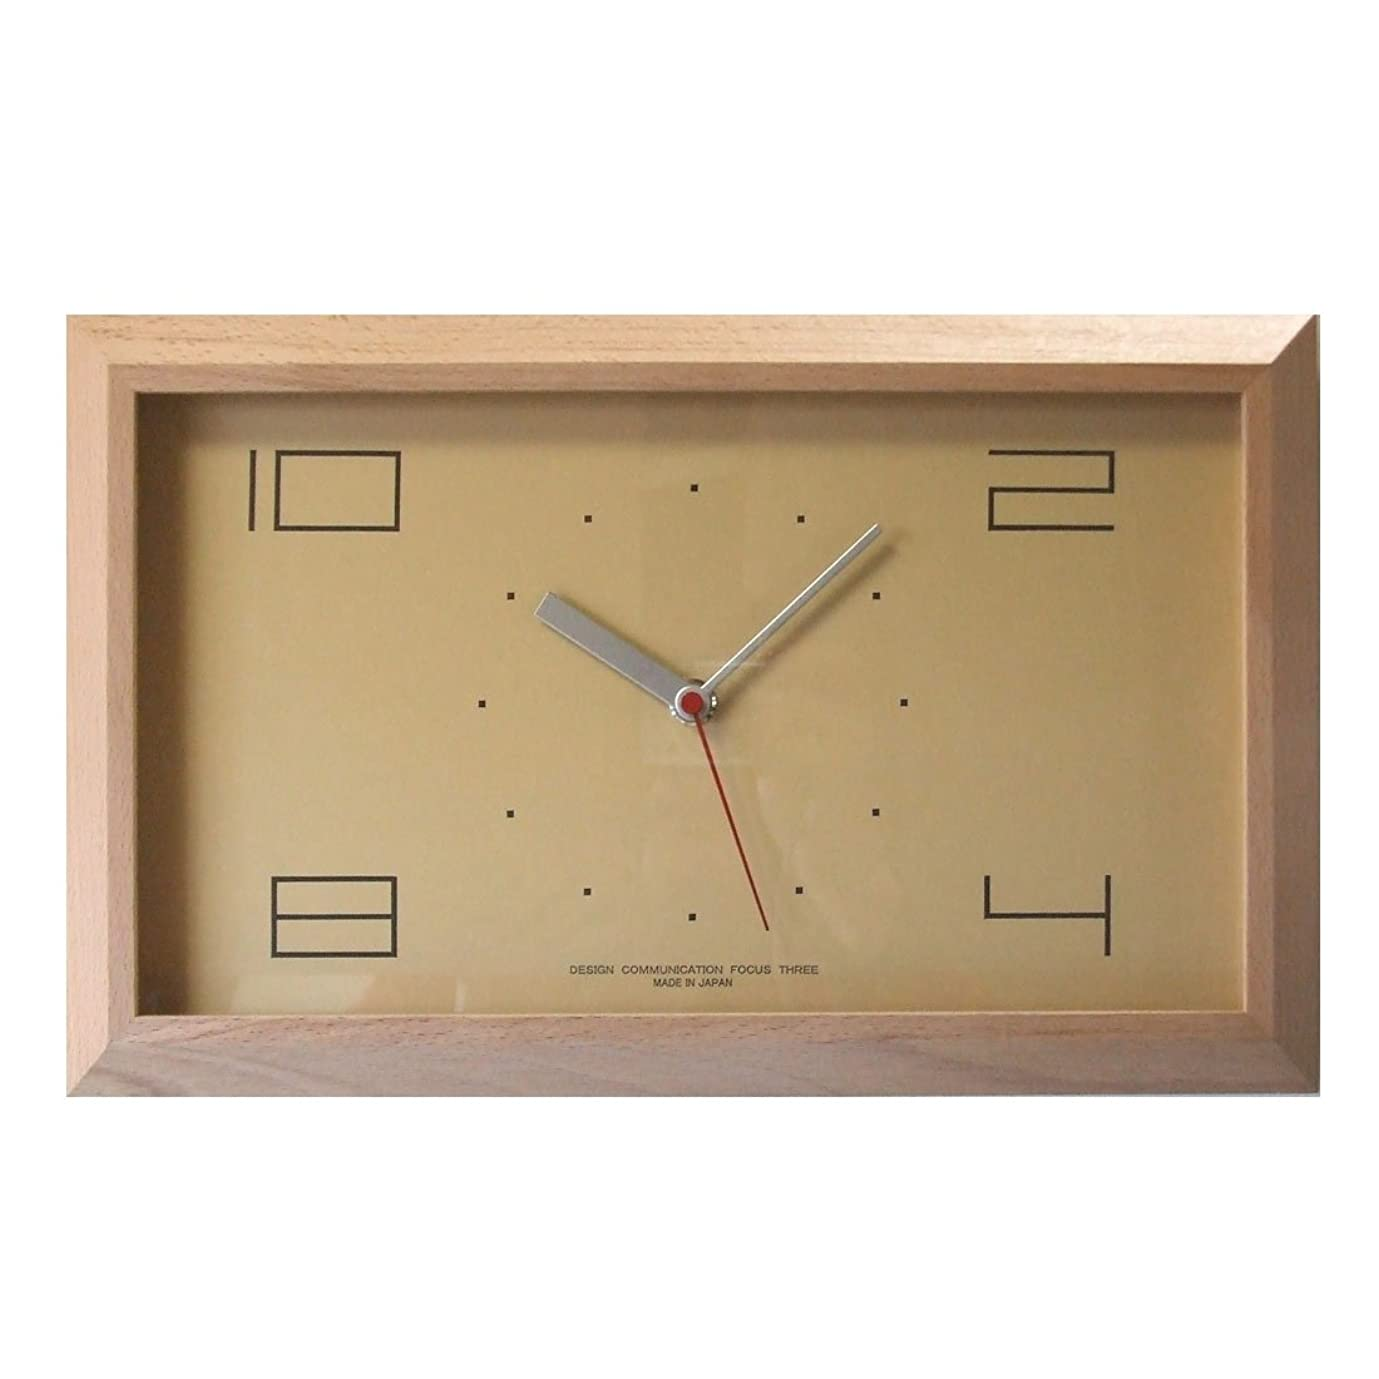 パーティー雨部フォーカス?スリー 置き時計 ナチュラル 横35×縦21.6×奥行4cm